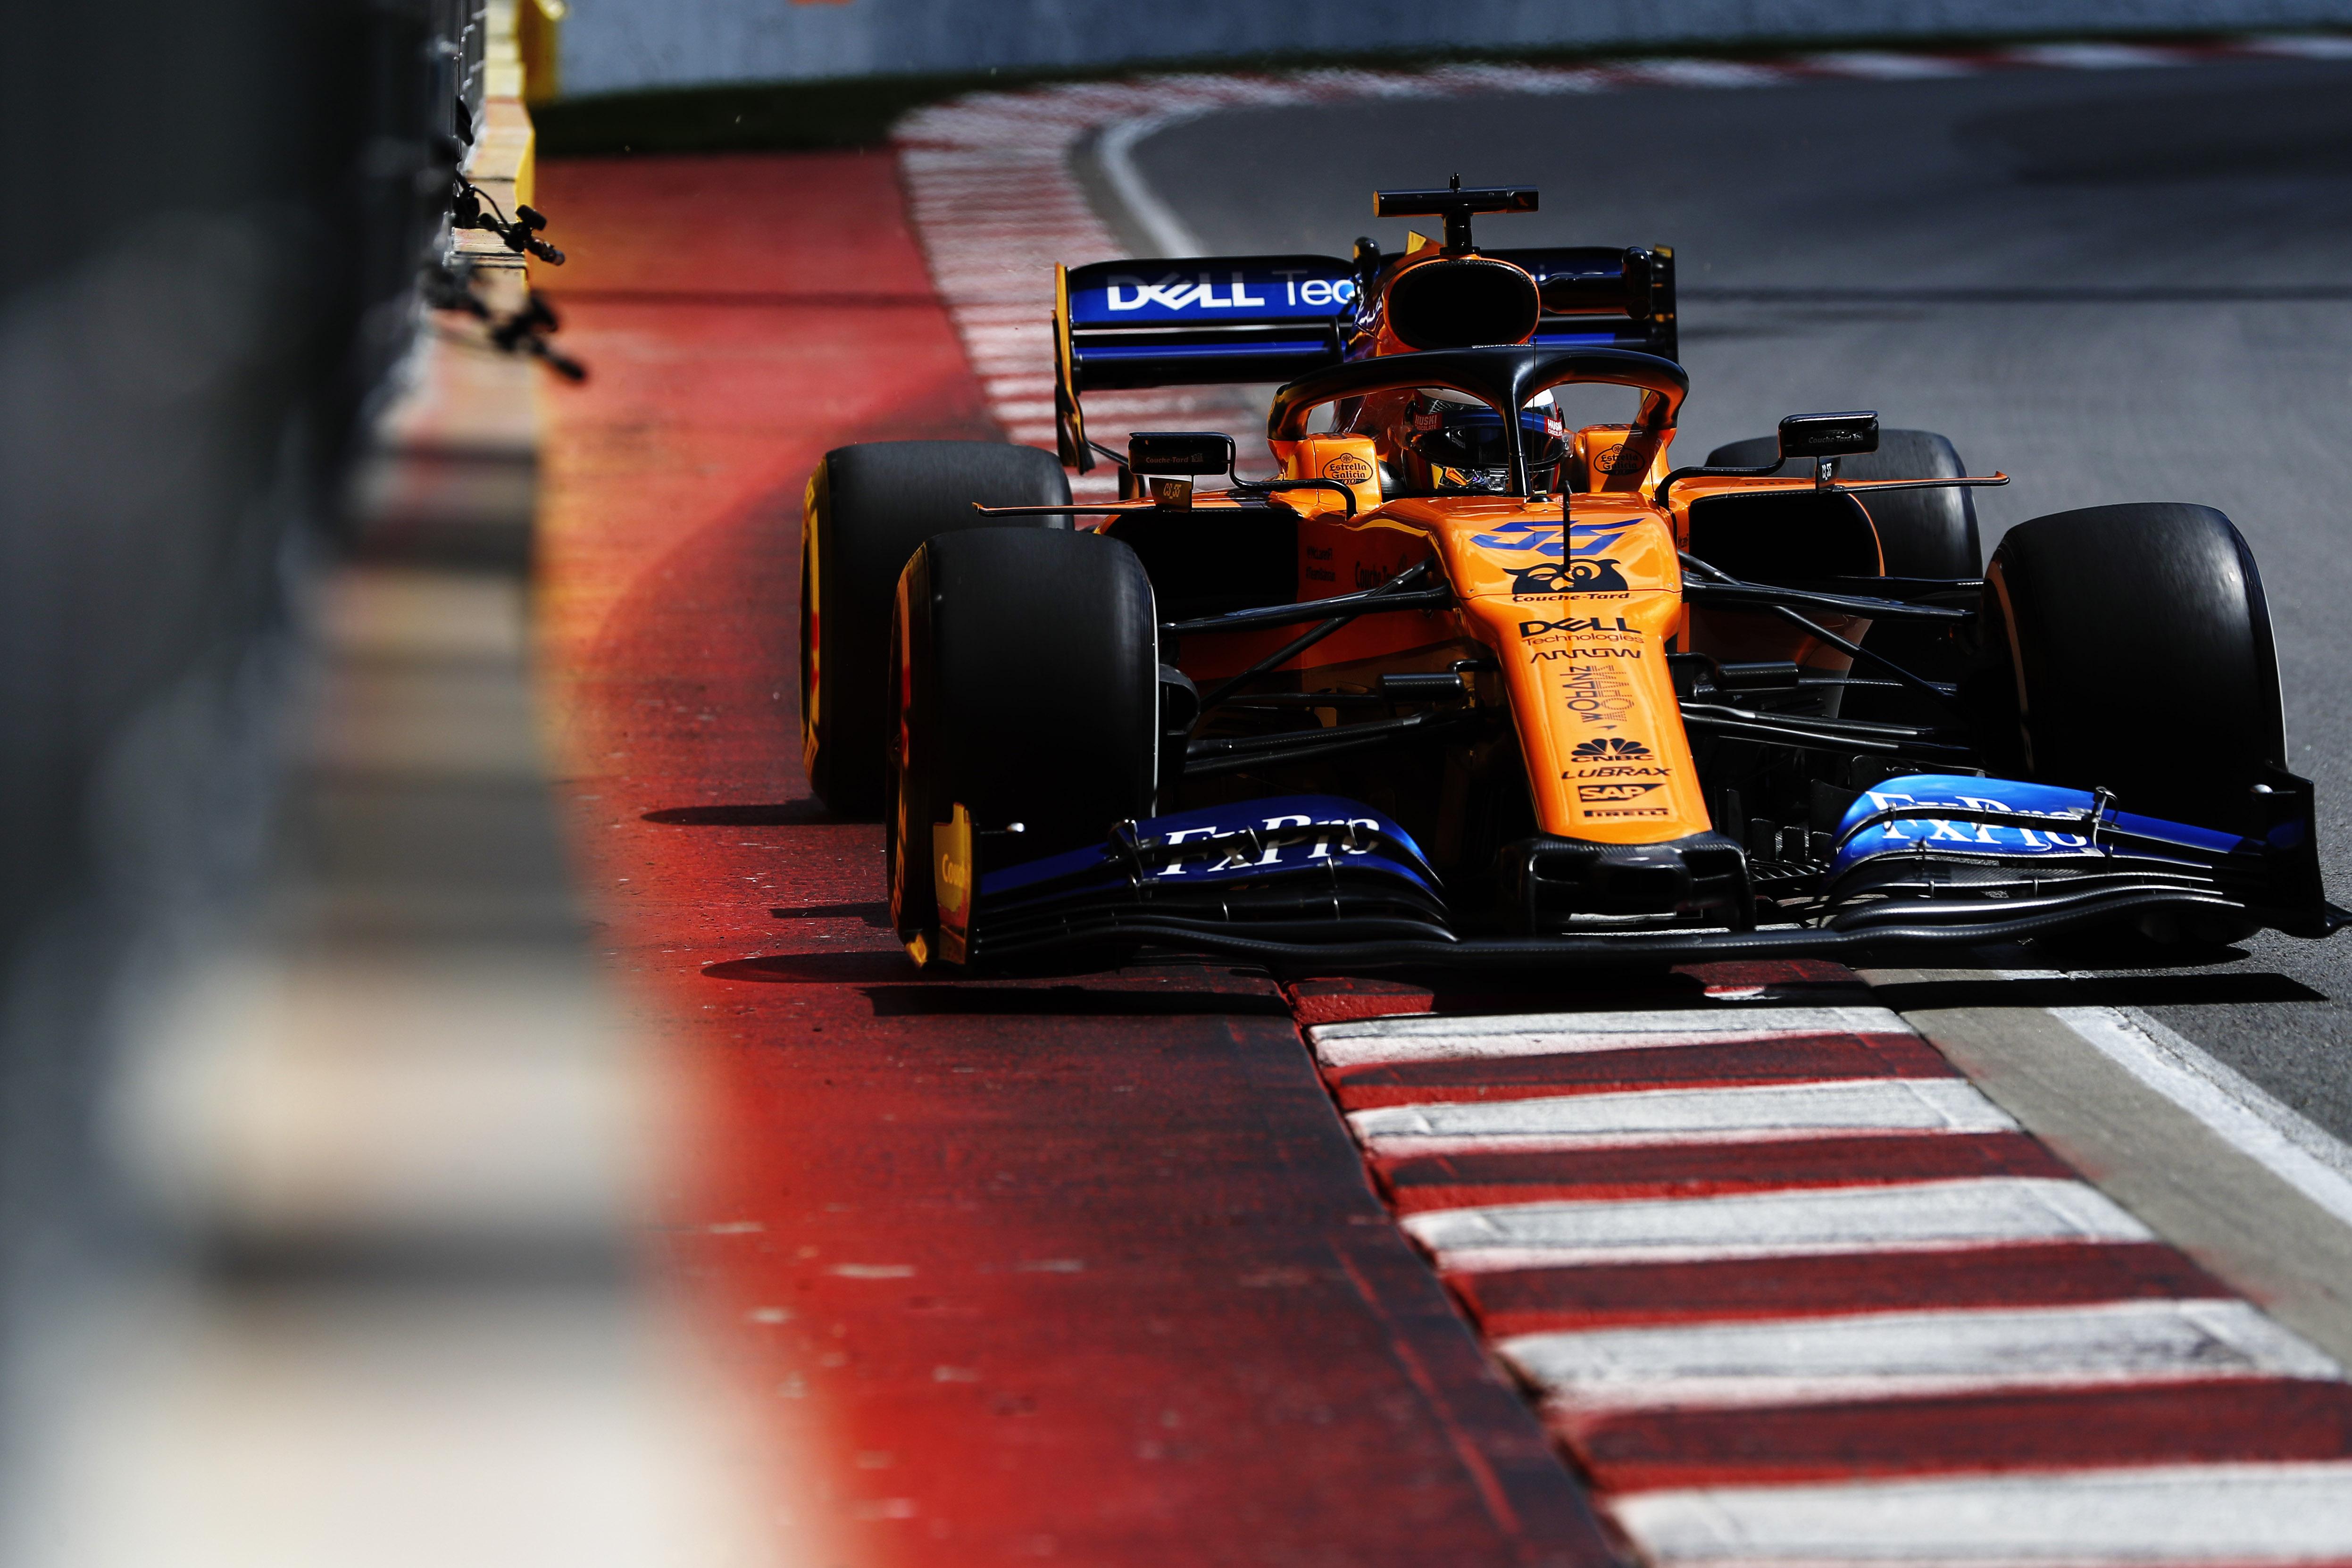 F1: Változik a rajtrács – Sainzot megbüntették, Magnussen a boxból indul